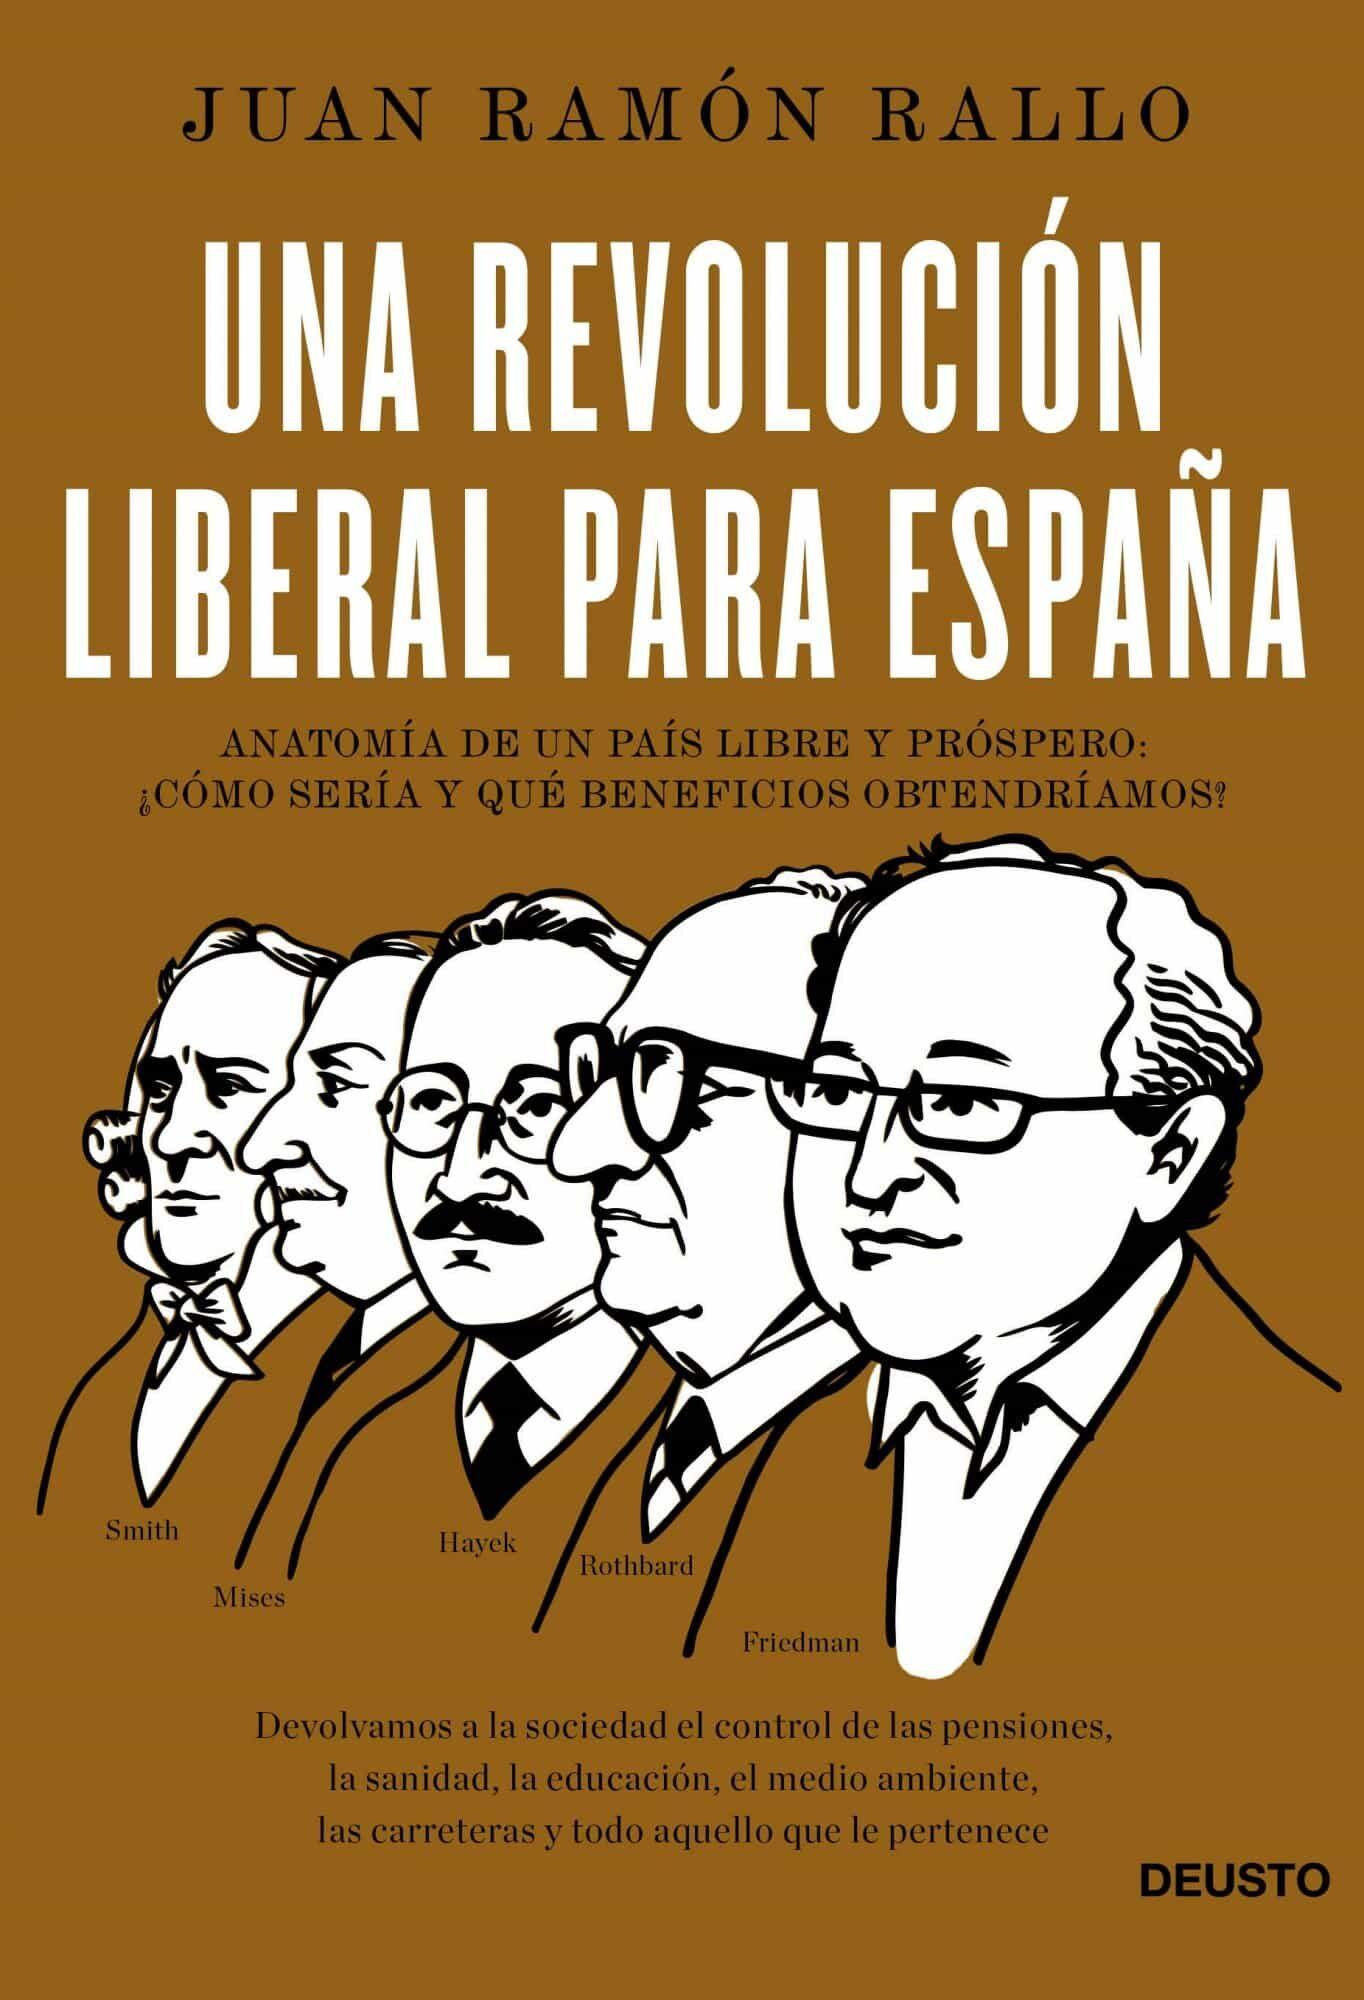 UNA REVOLUCION LIBERAL PARA ESPAÑA | JUAN RAMON RALLO | Comprar ...